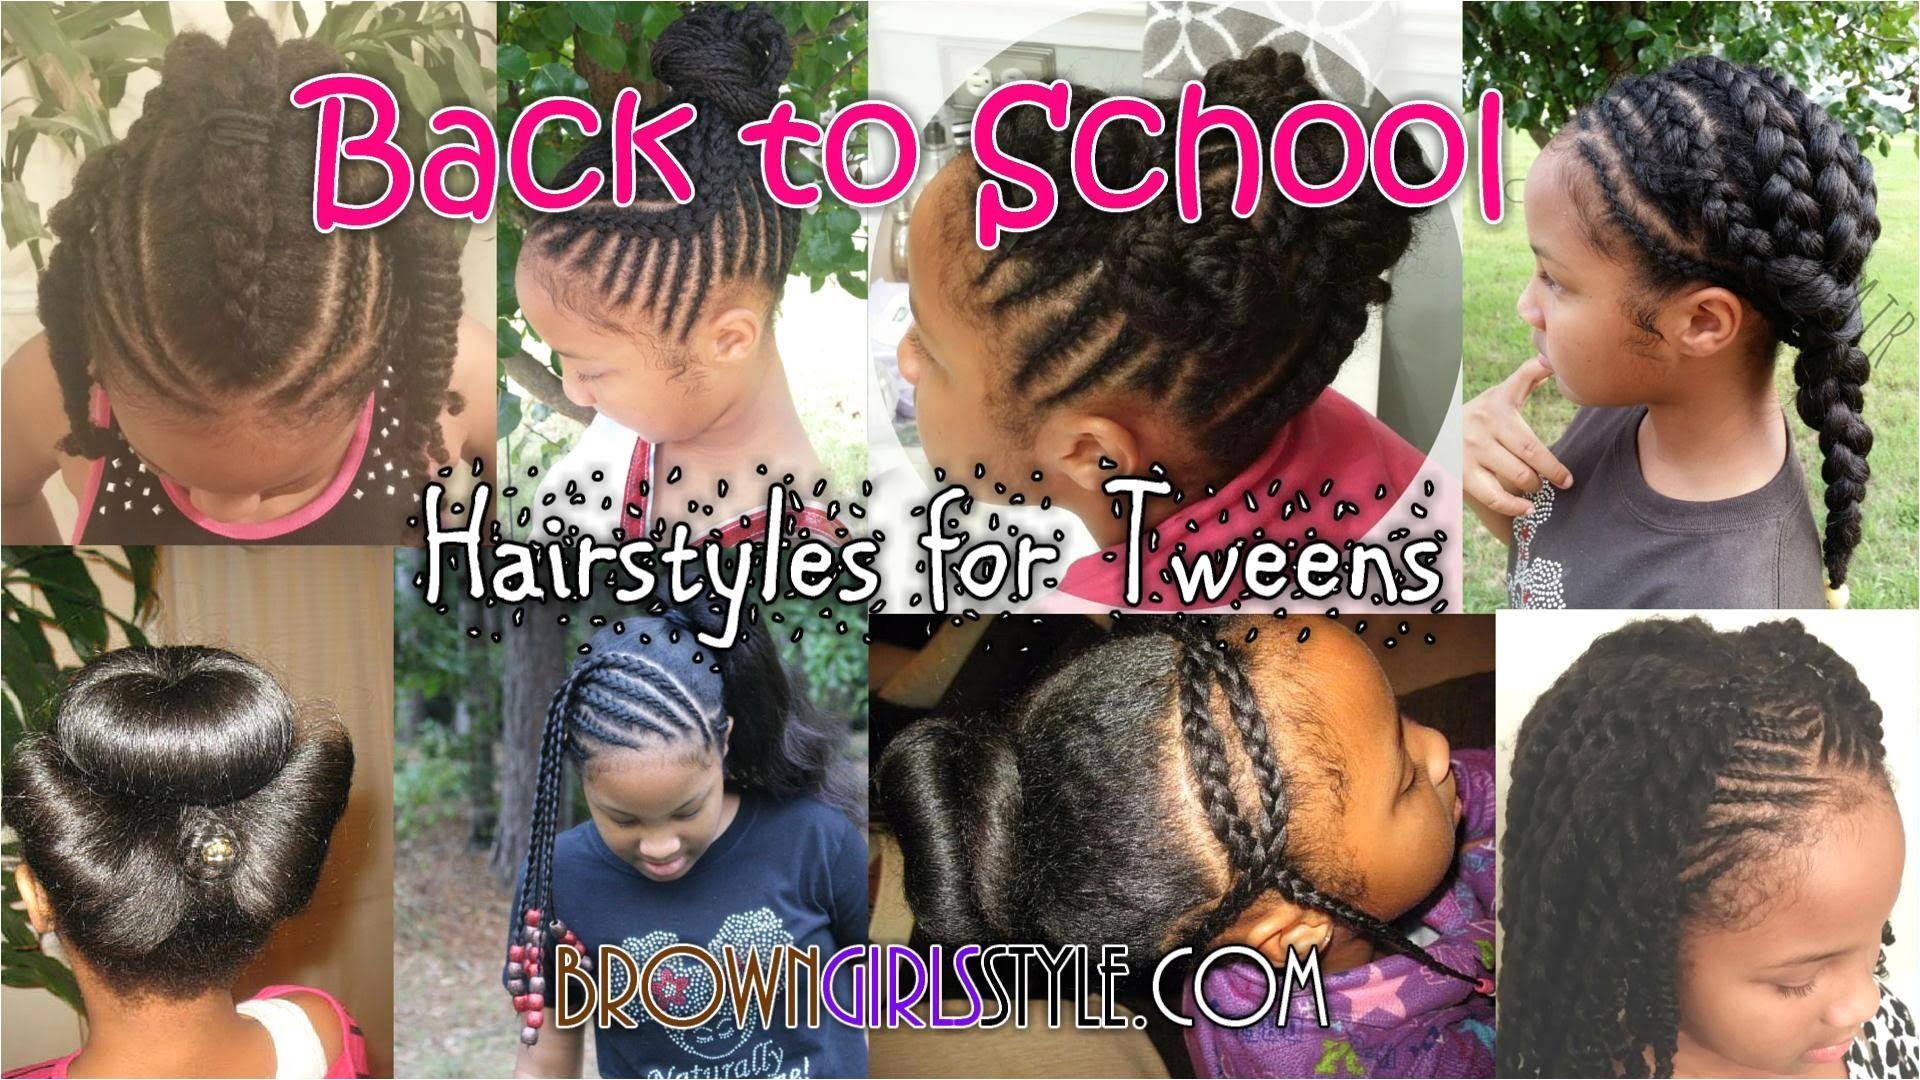 Tween zurück zur Schule natürliche Frisuren Girls Back To School Hairstyles Young Girls Hairstyles